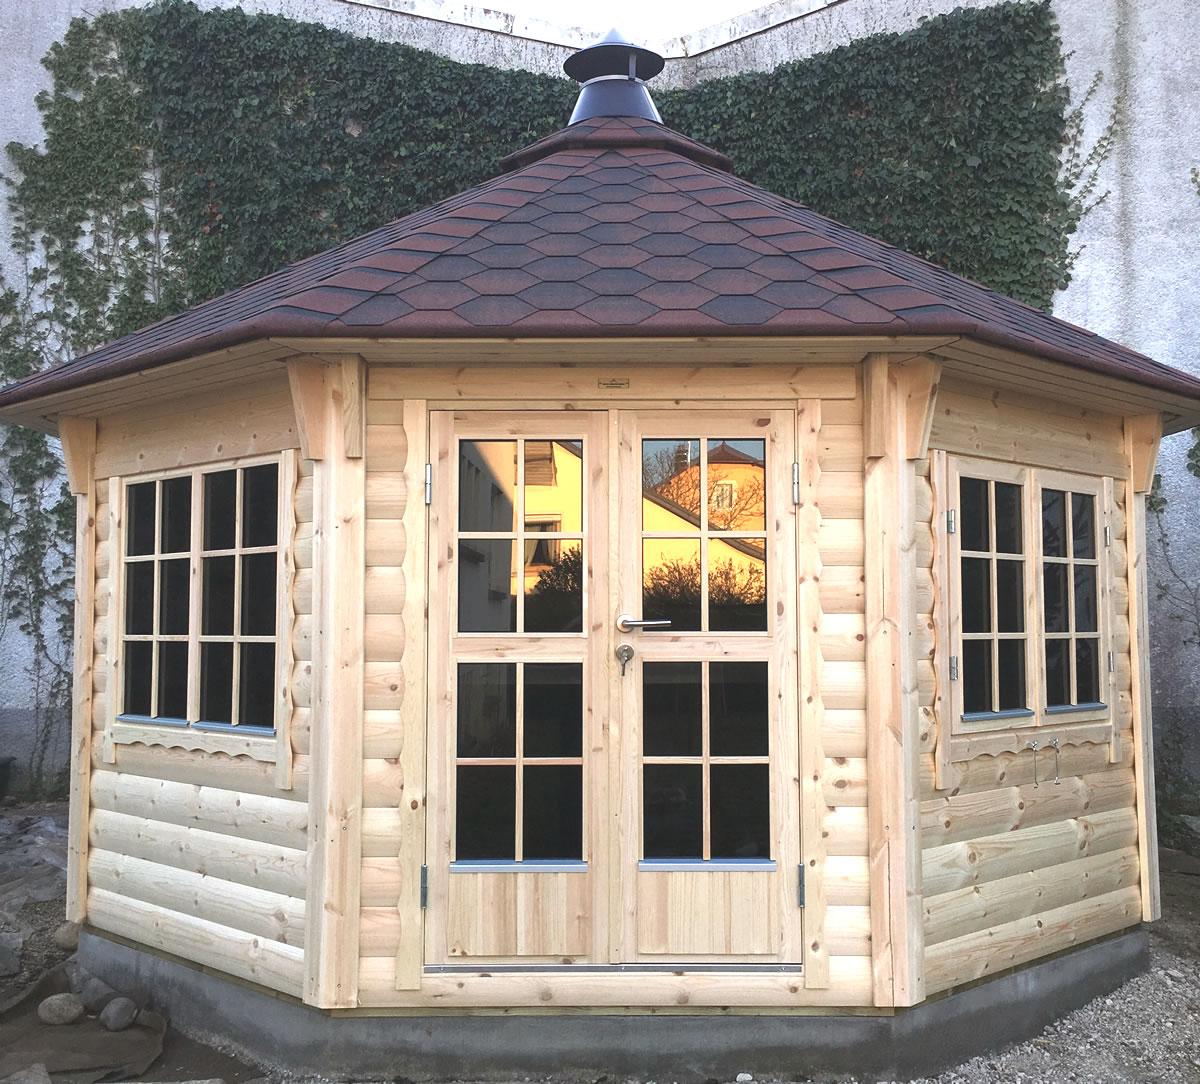 Kota Pavillon 12 m² pas cher de qualité. Livré et installé en France ...